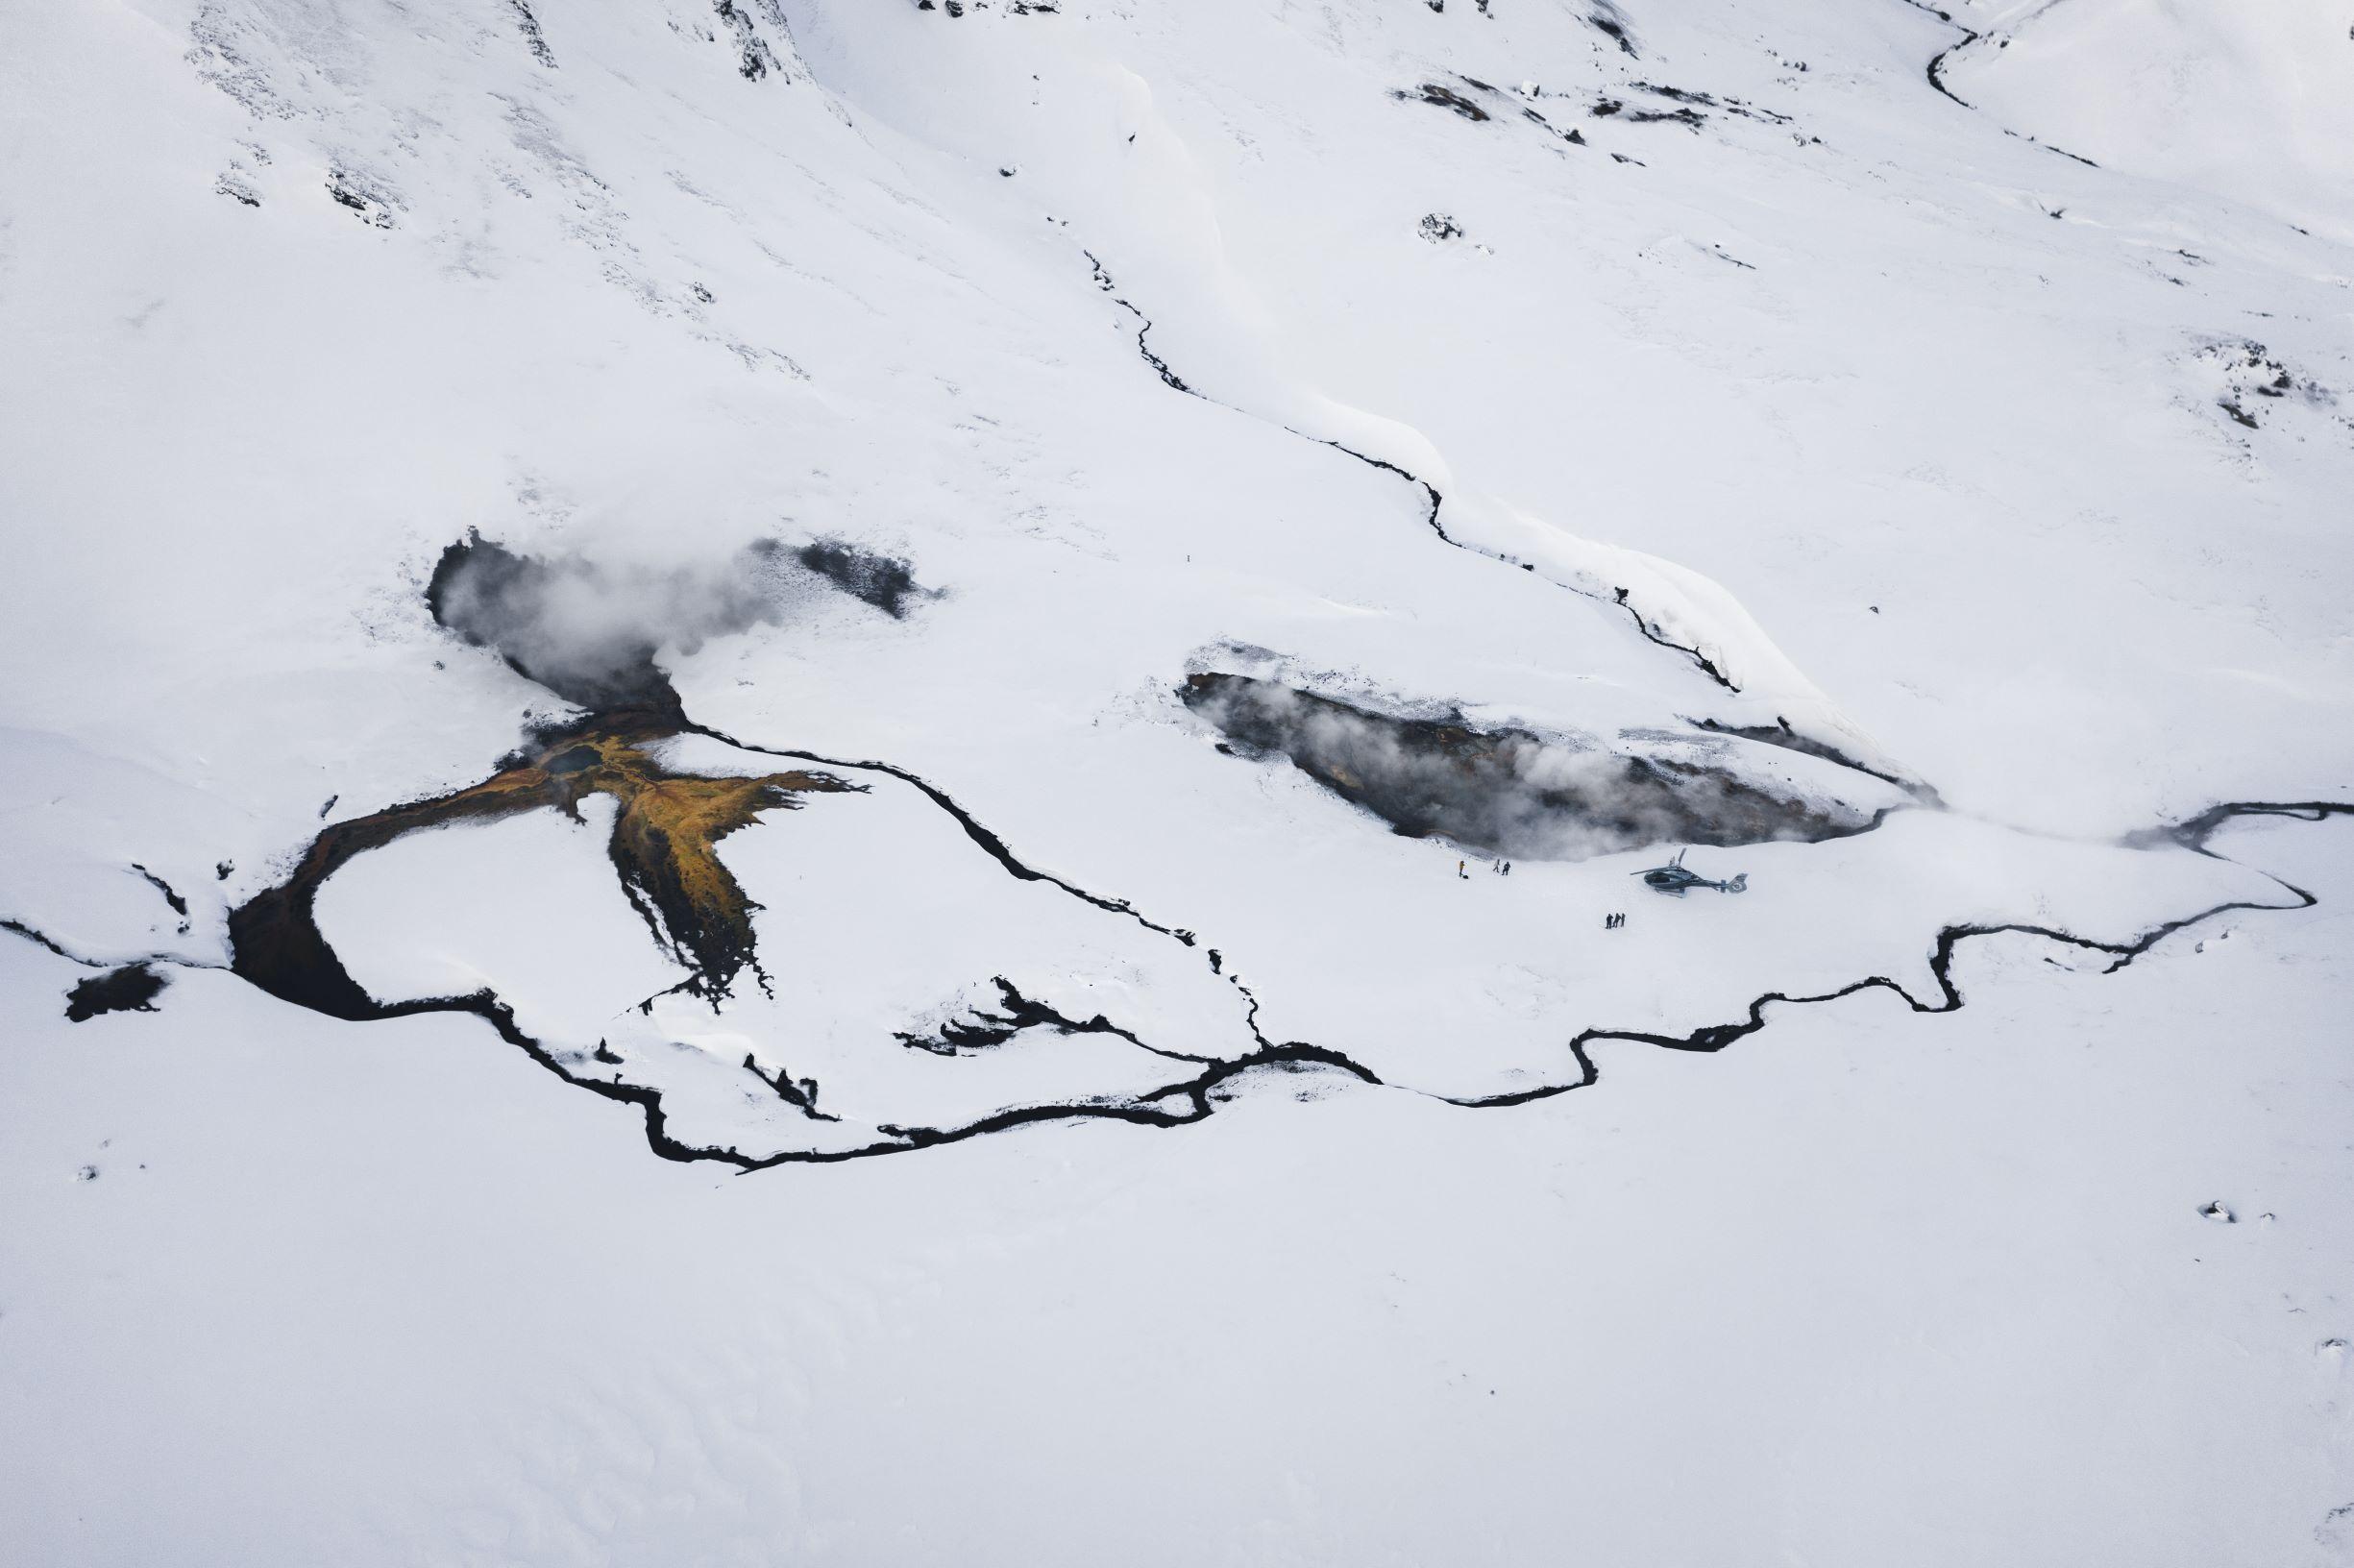 冰岛直升机观光团 - 亲历航拍的奇妙视角 火山口 + 熔岩原 + 地热温泉 + 雷克雅未克